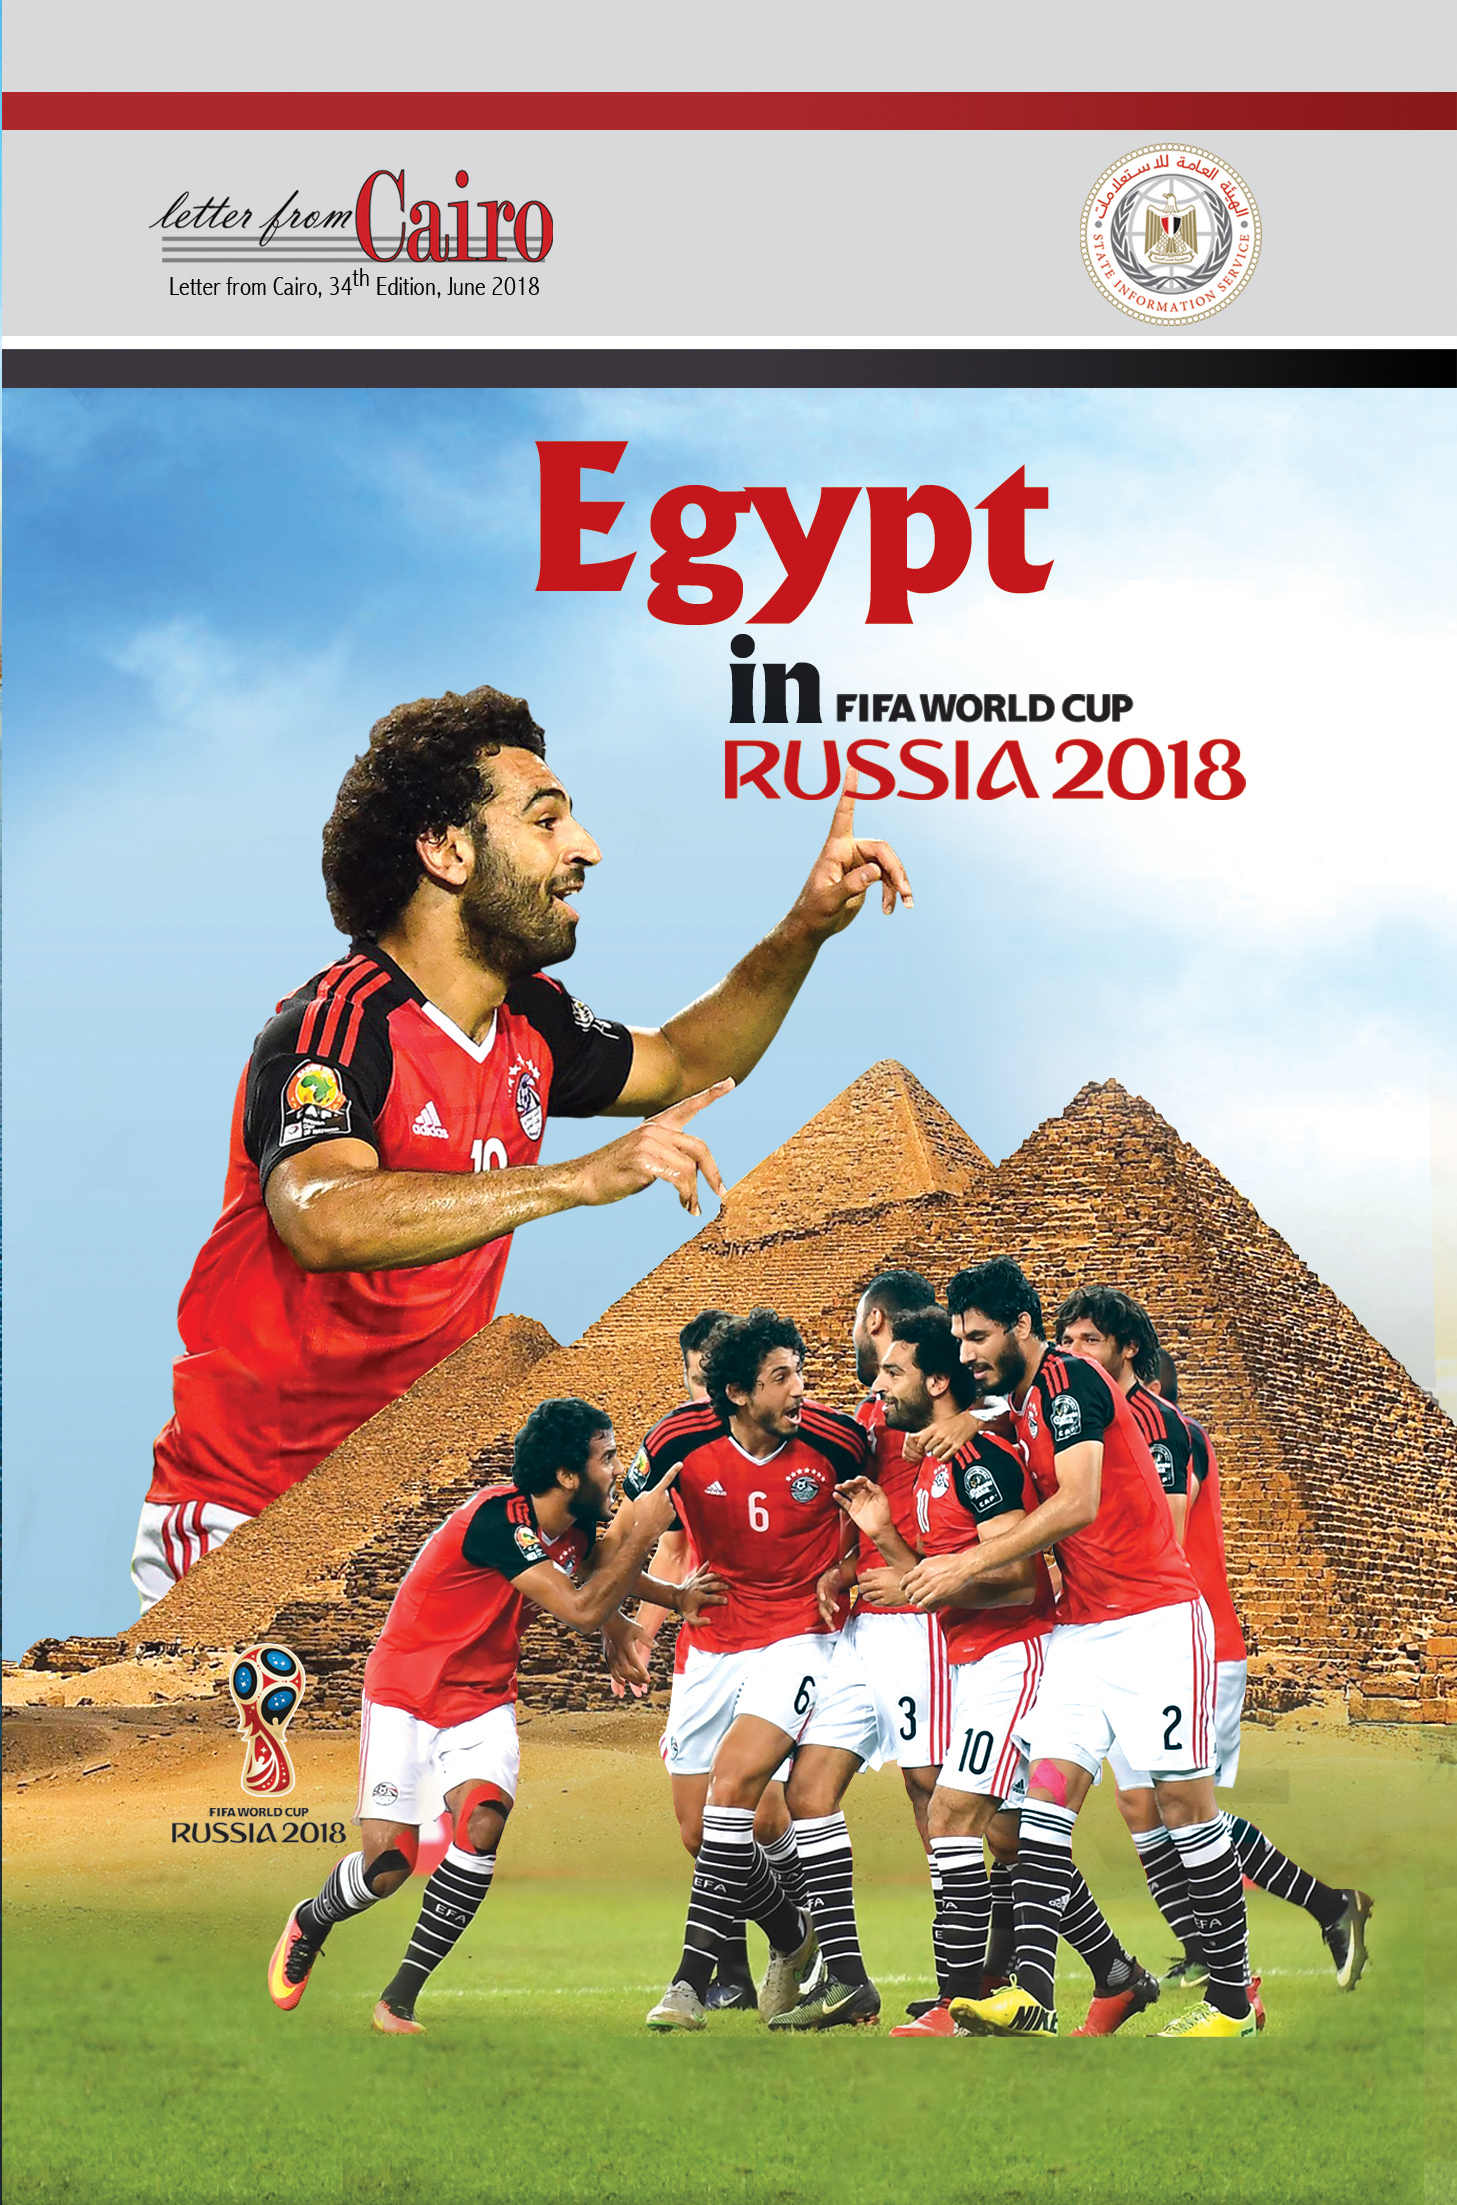 62018131341788-غلاف رسالة القاهرة انجليزى 34